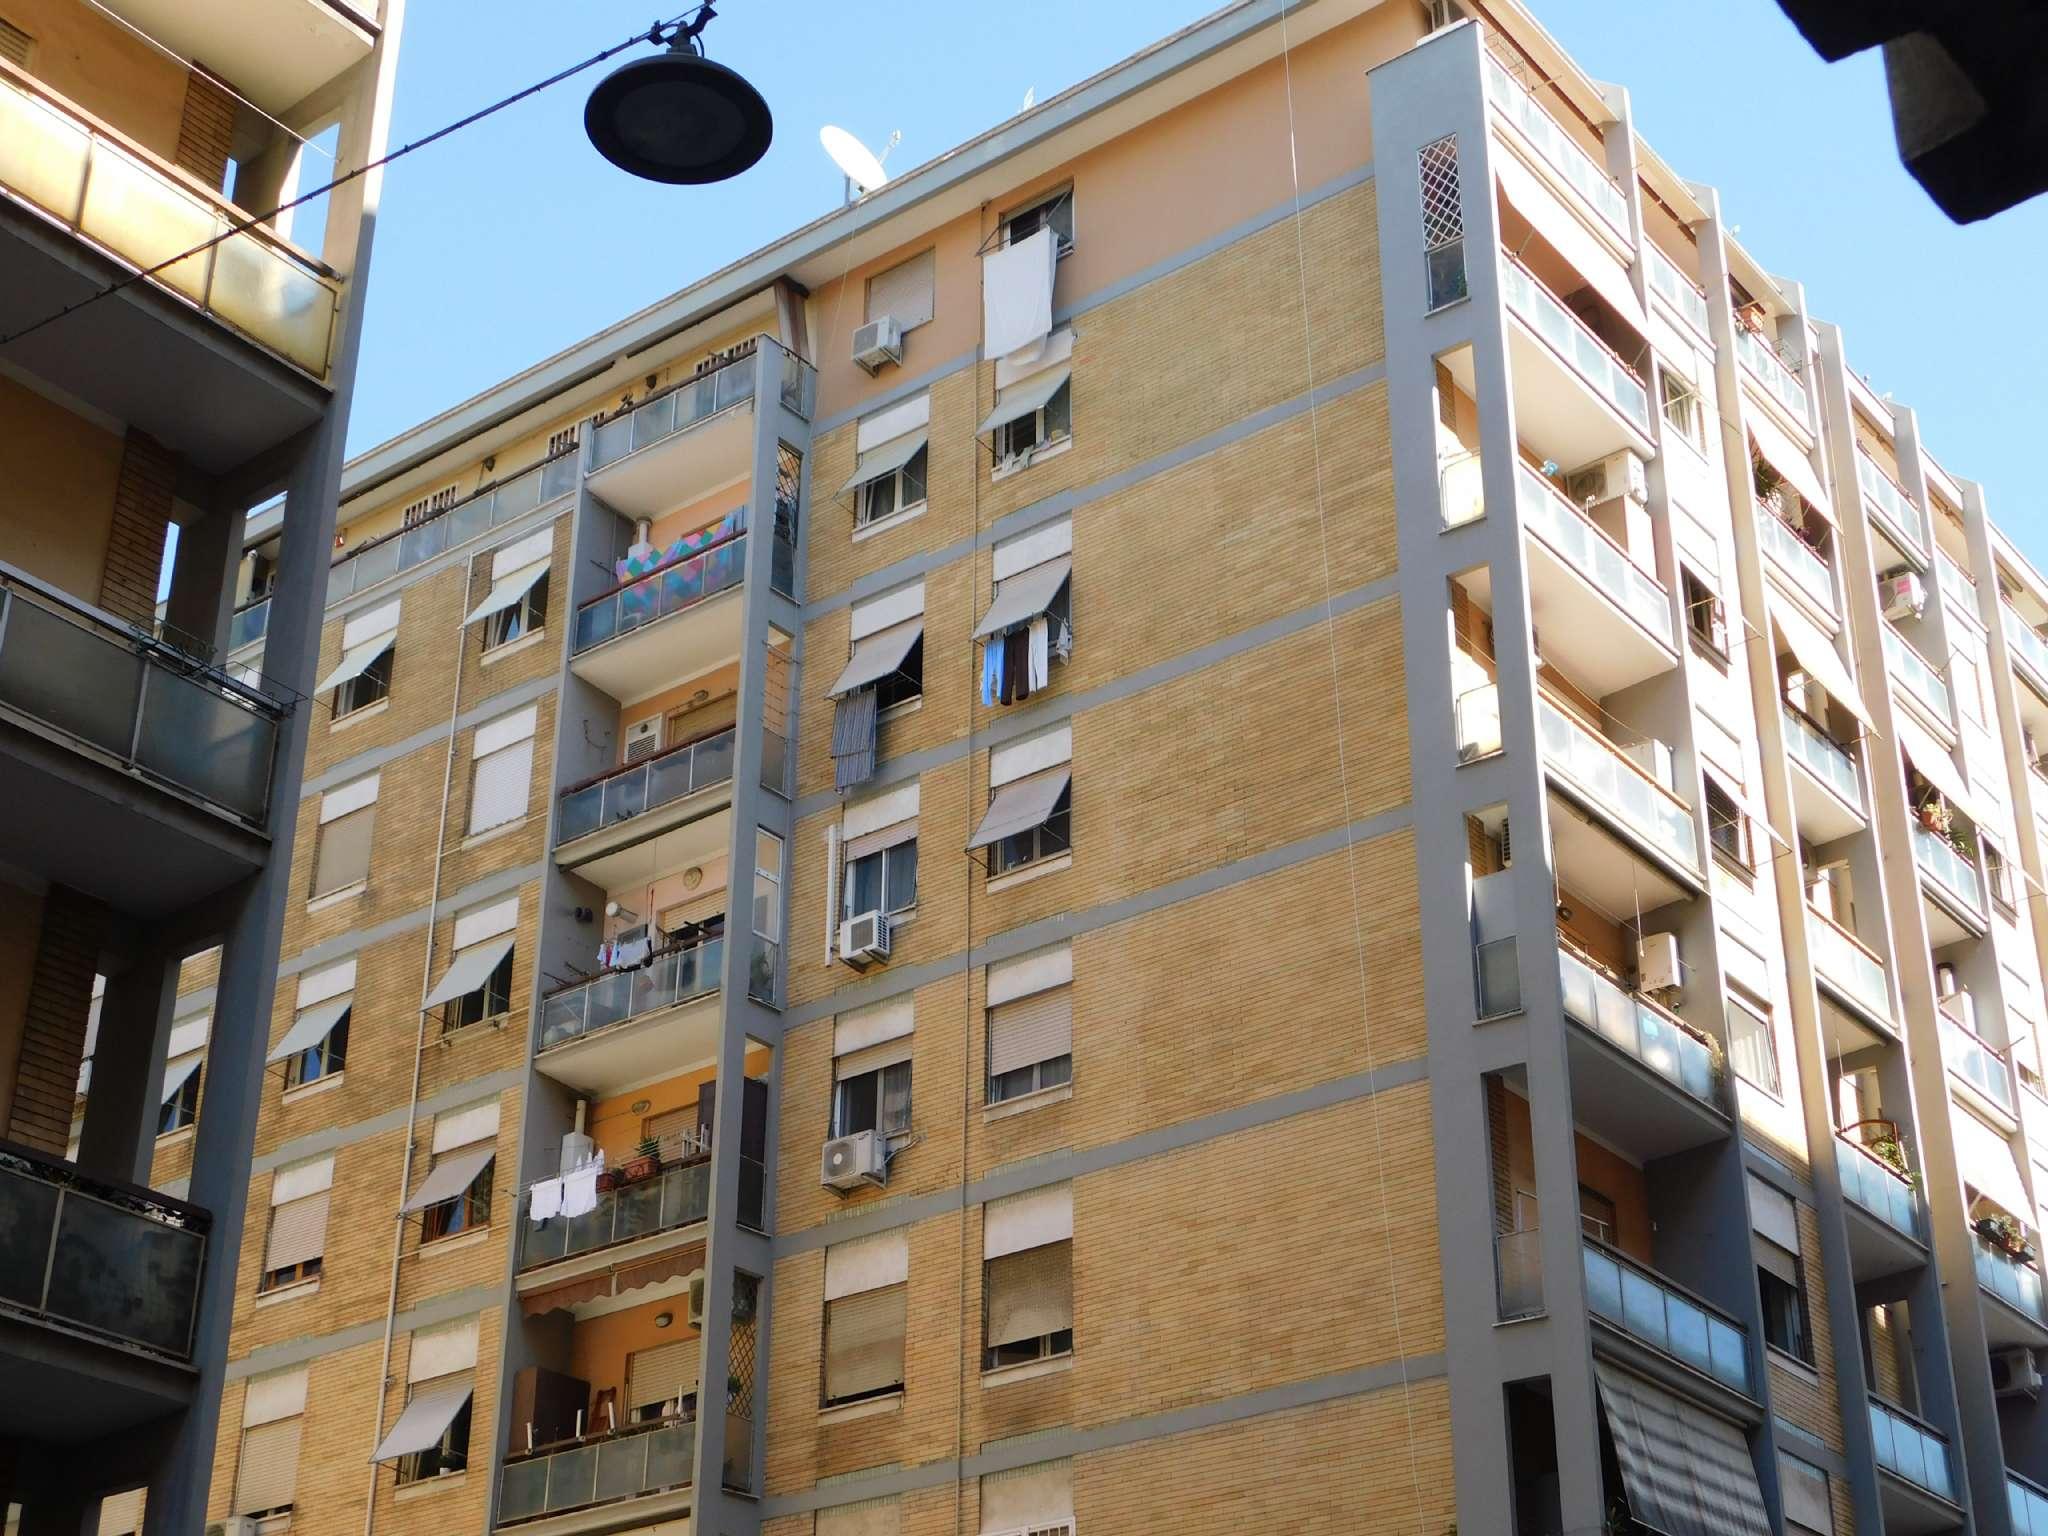 Appartamento in vendita a Roma, 3 locali, zona Zona: 10 . Pigneto, Largo Preneste, prezzo € 259.000 | CambioCasa.it